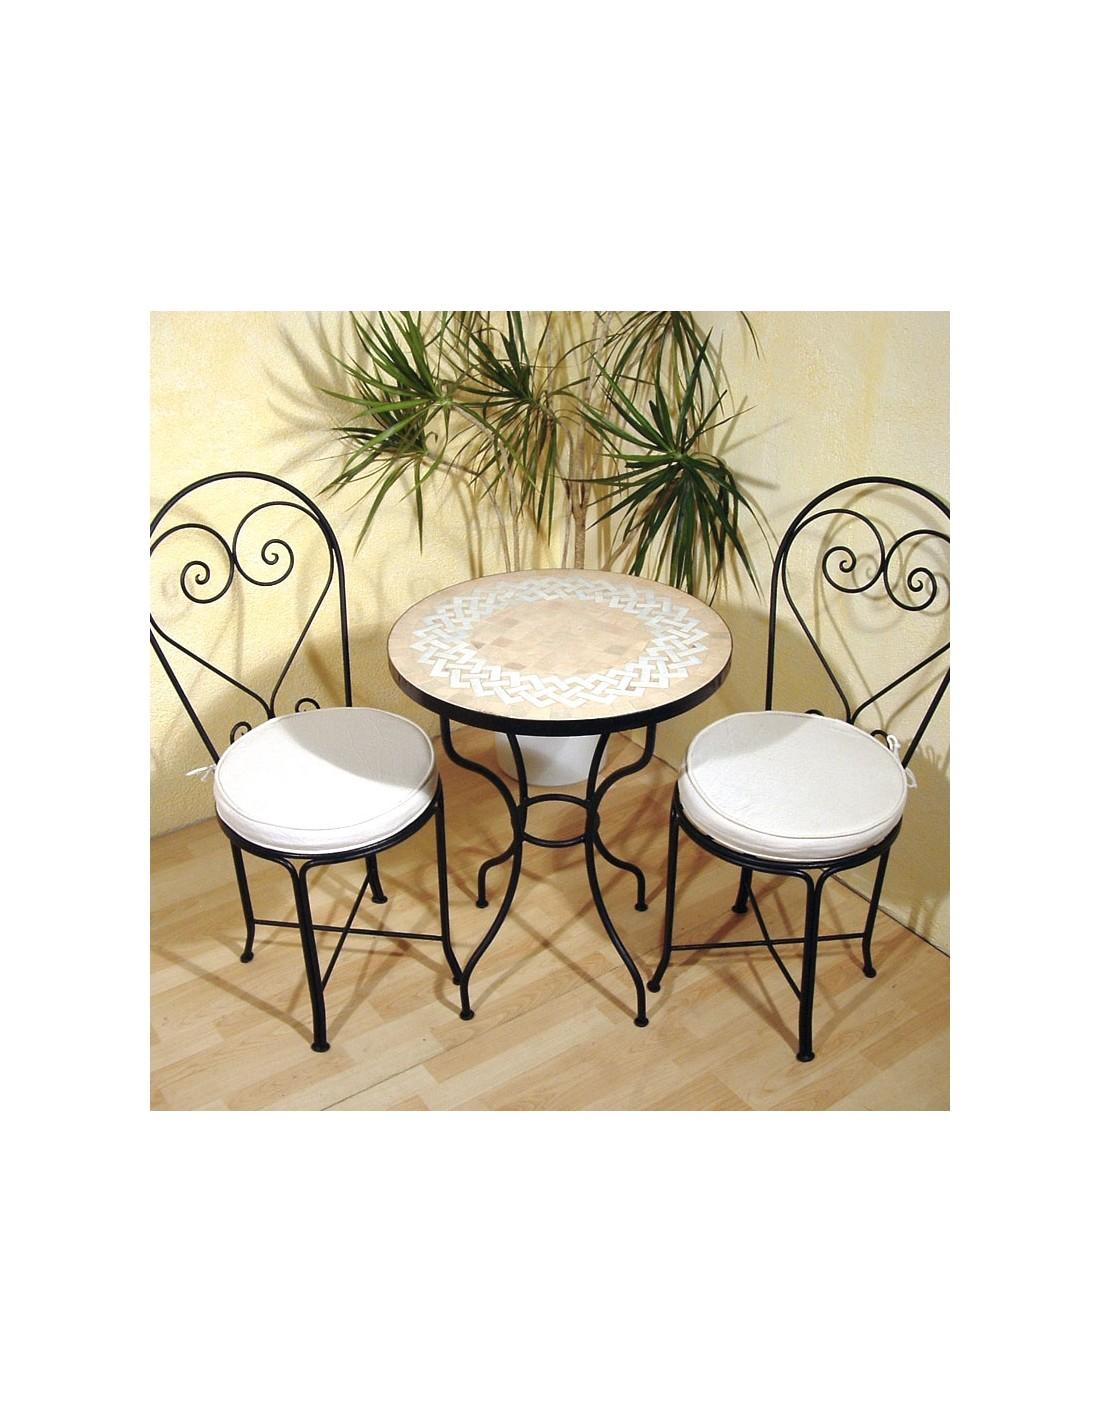 mosaiktisch latief 60cm rund bei albena marokko galerie. Black Bedroom Furniture Sets. Home Design Ideas